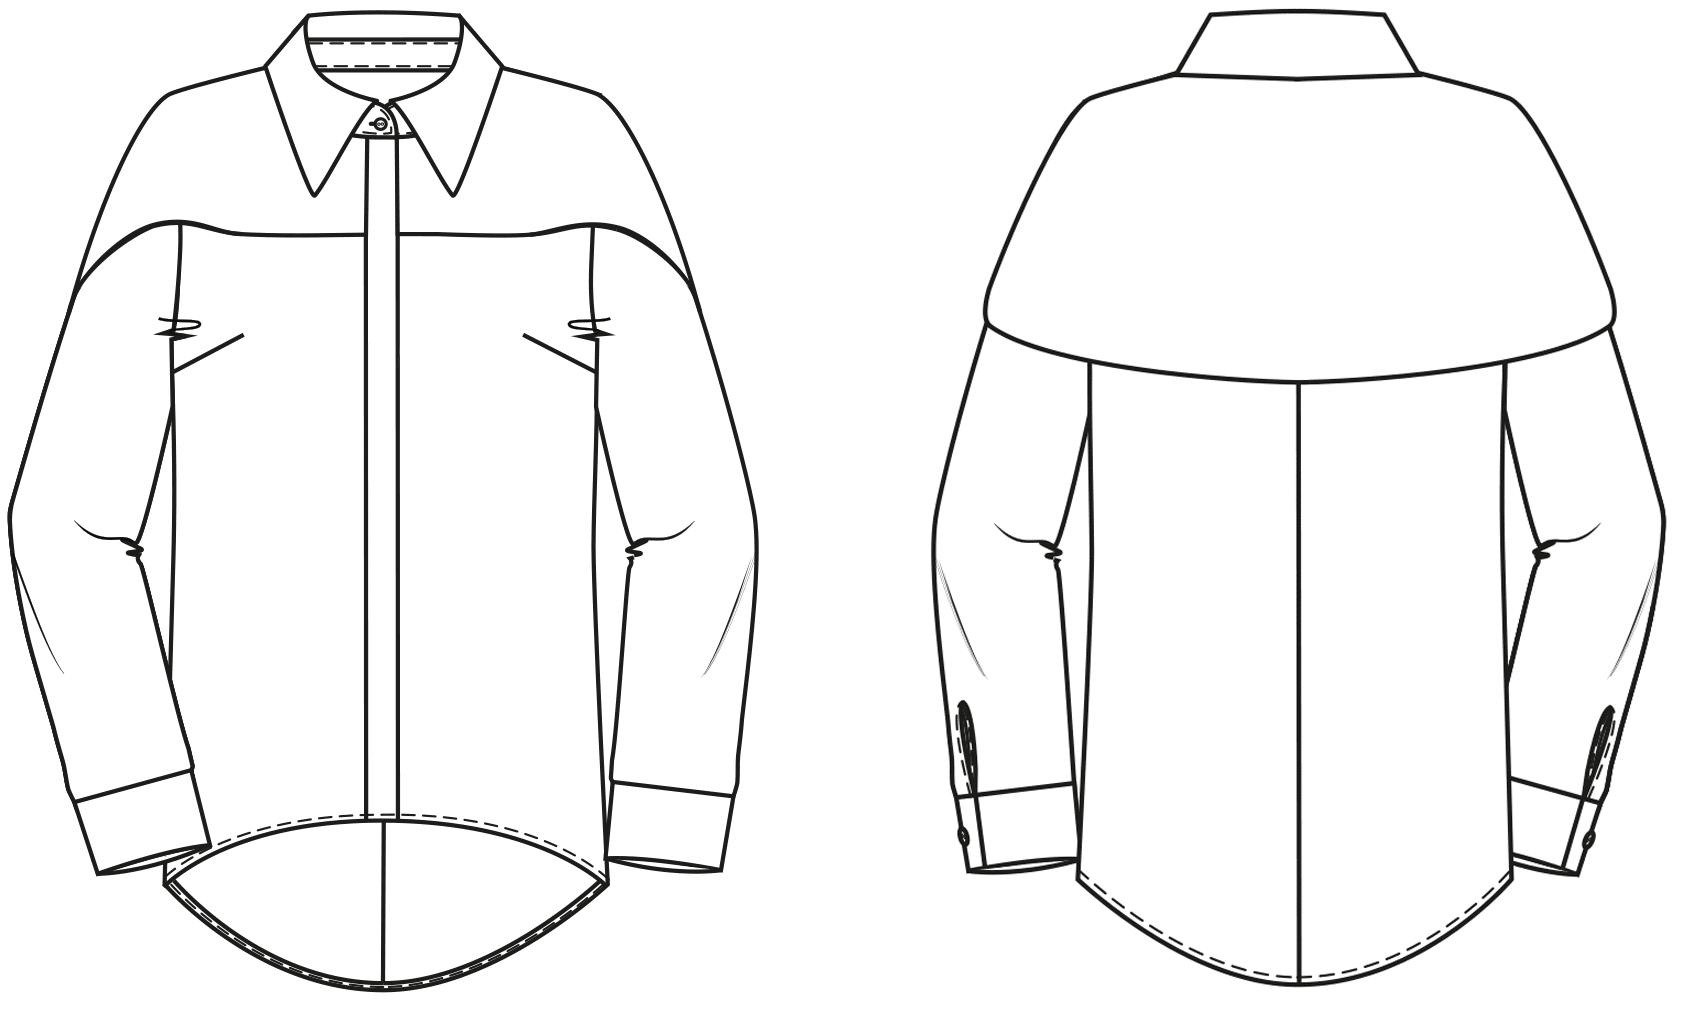 Abgebildet ist die technische Zeichnung einer Bluse. Sie dient als Vorlage für die schnitttechnisce Umsetzung